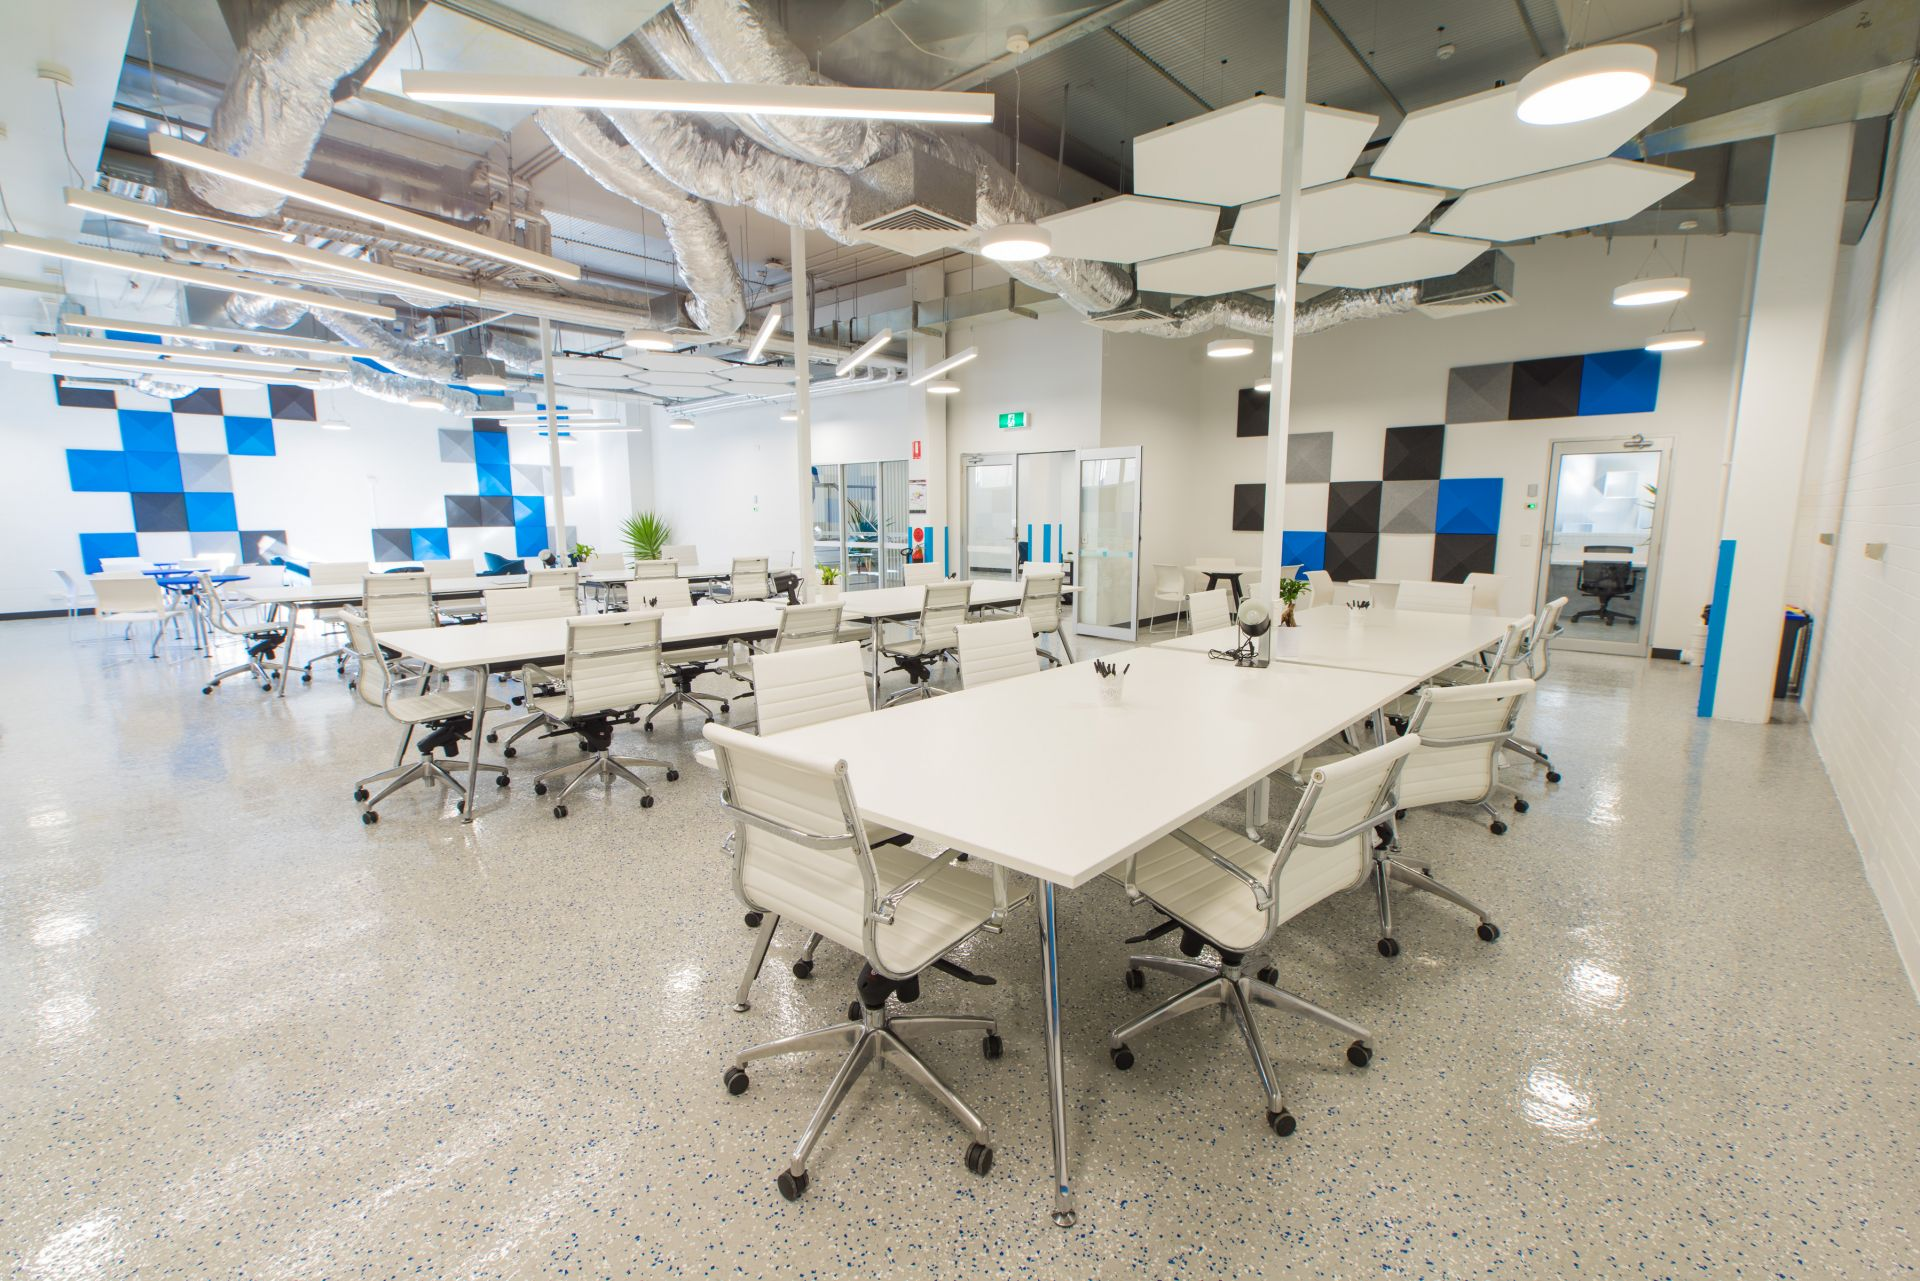 Melbourne Innovation Cenre, Melbourne